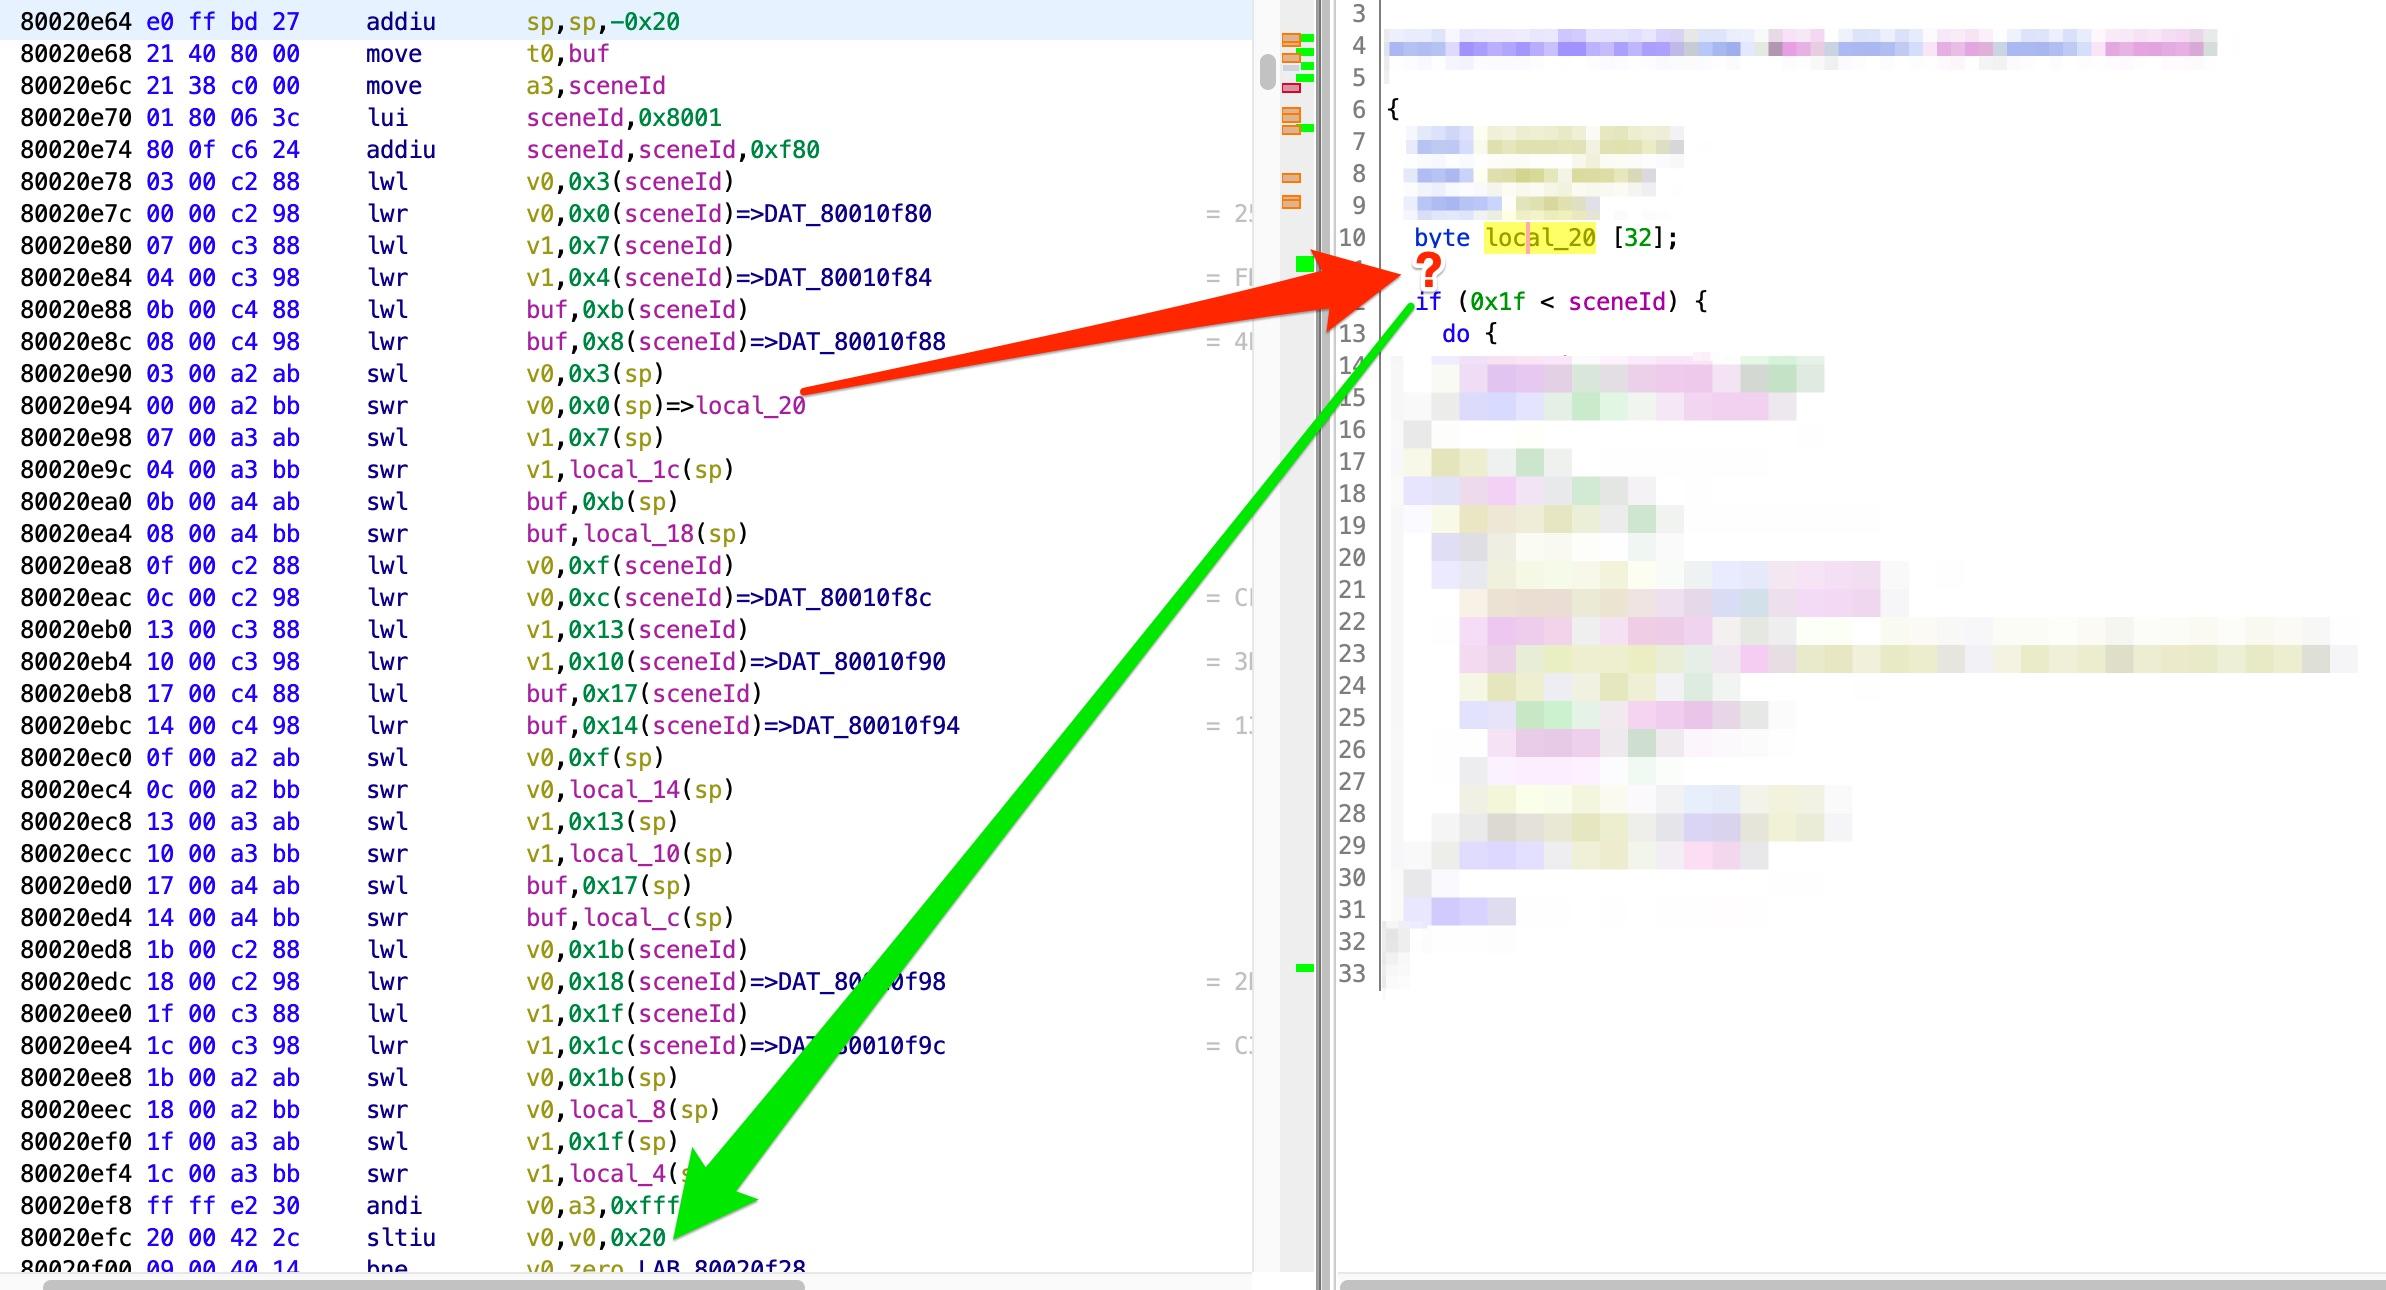 De pilation of MIPS LWL LWR SWL SWR doesn t work · Issue